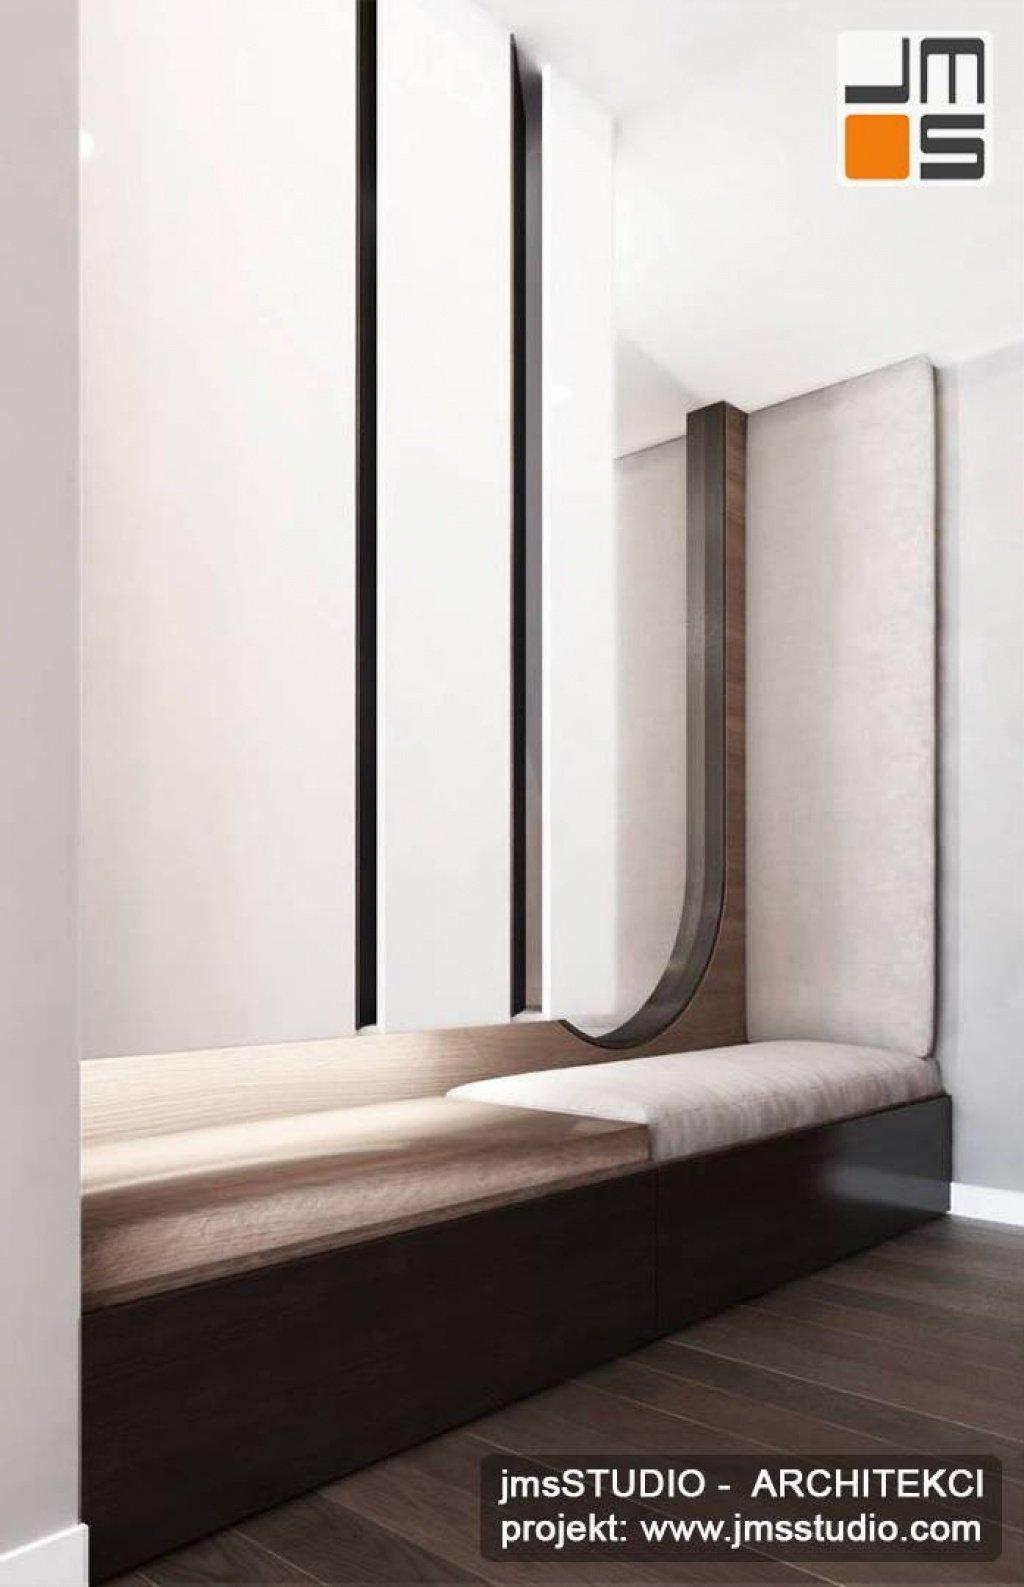 projekt aranżacji wnętrz holu wejściowego z tapicerowane siedzisko i duże lustro na wymiar w mieszkaniu Kraków.